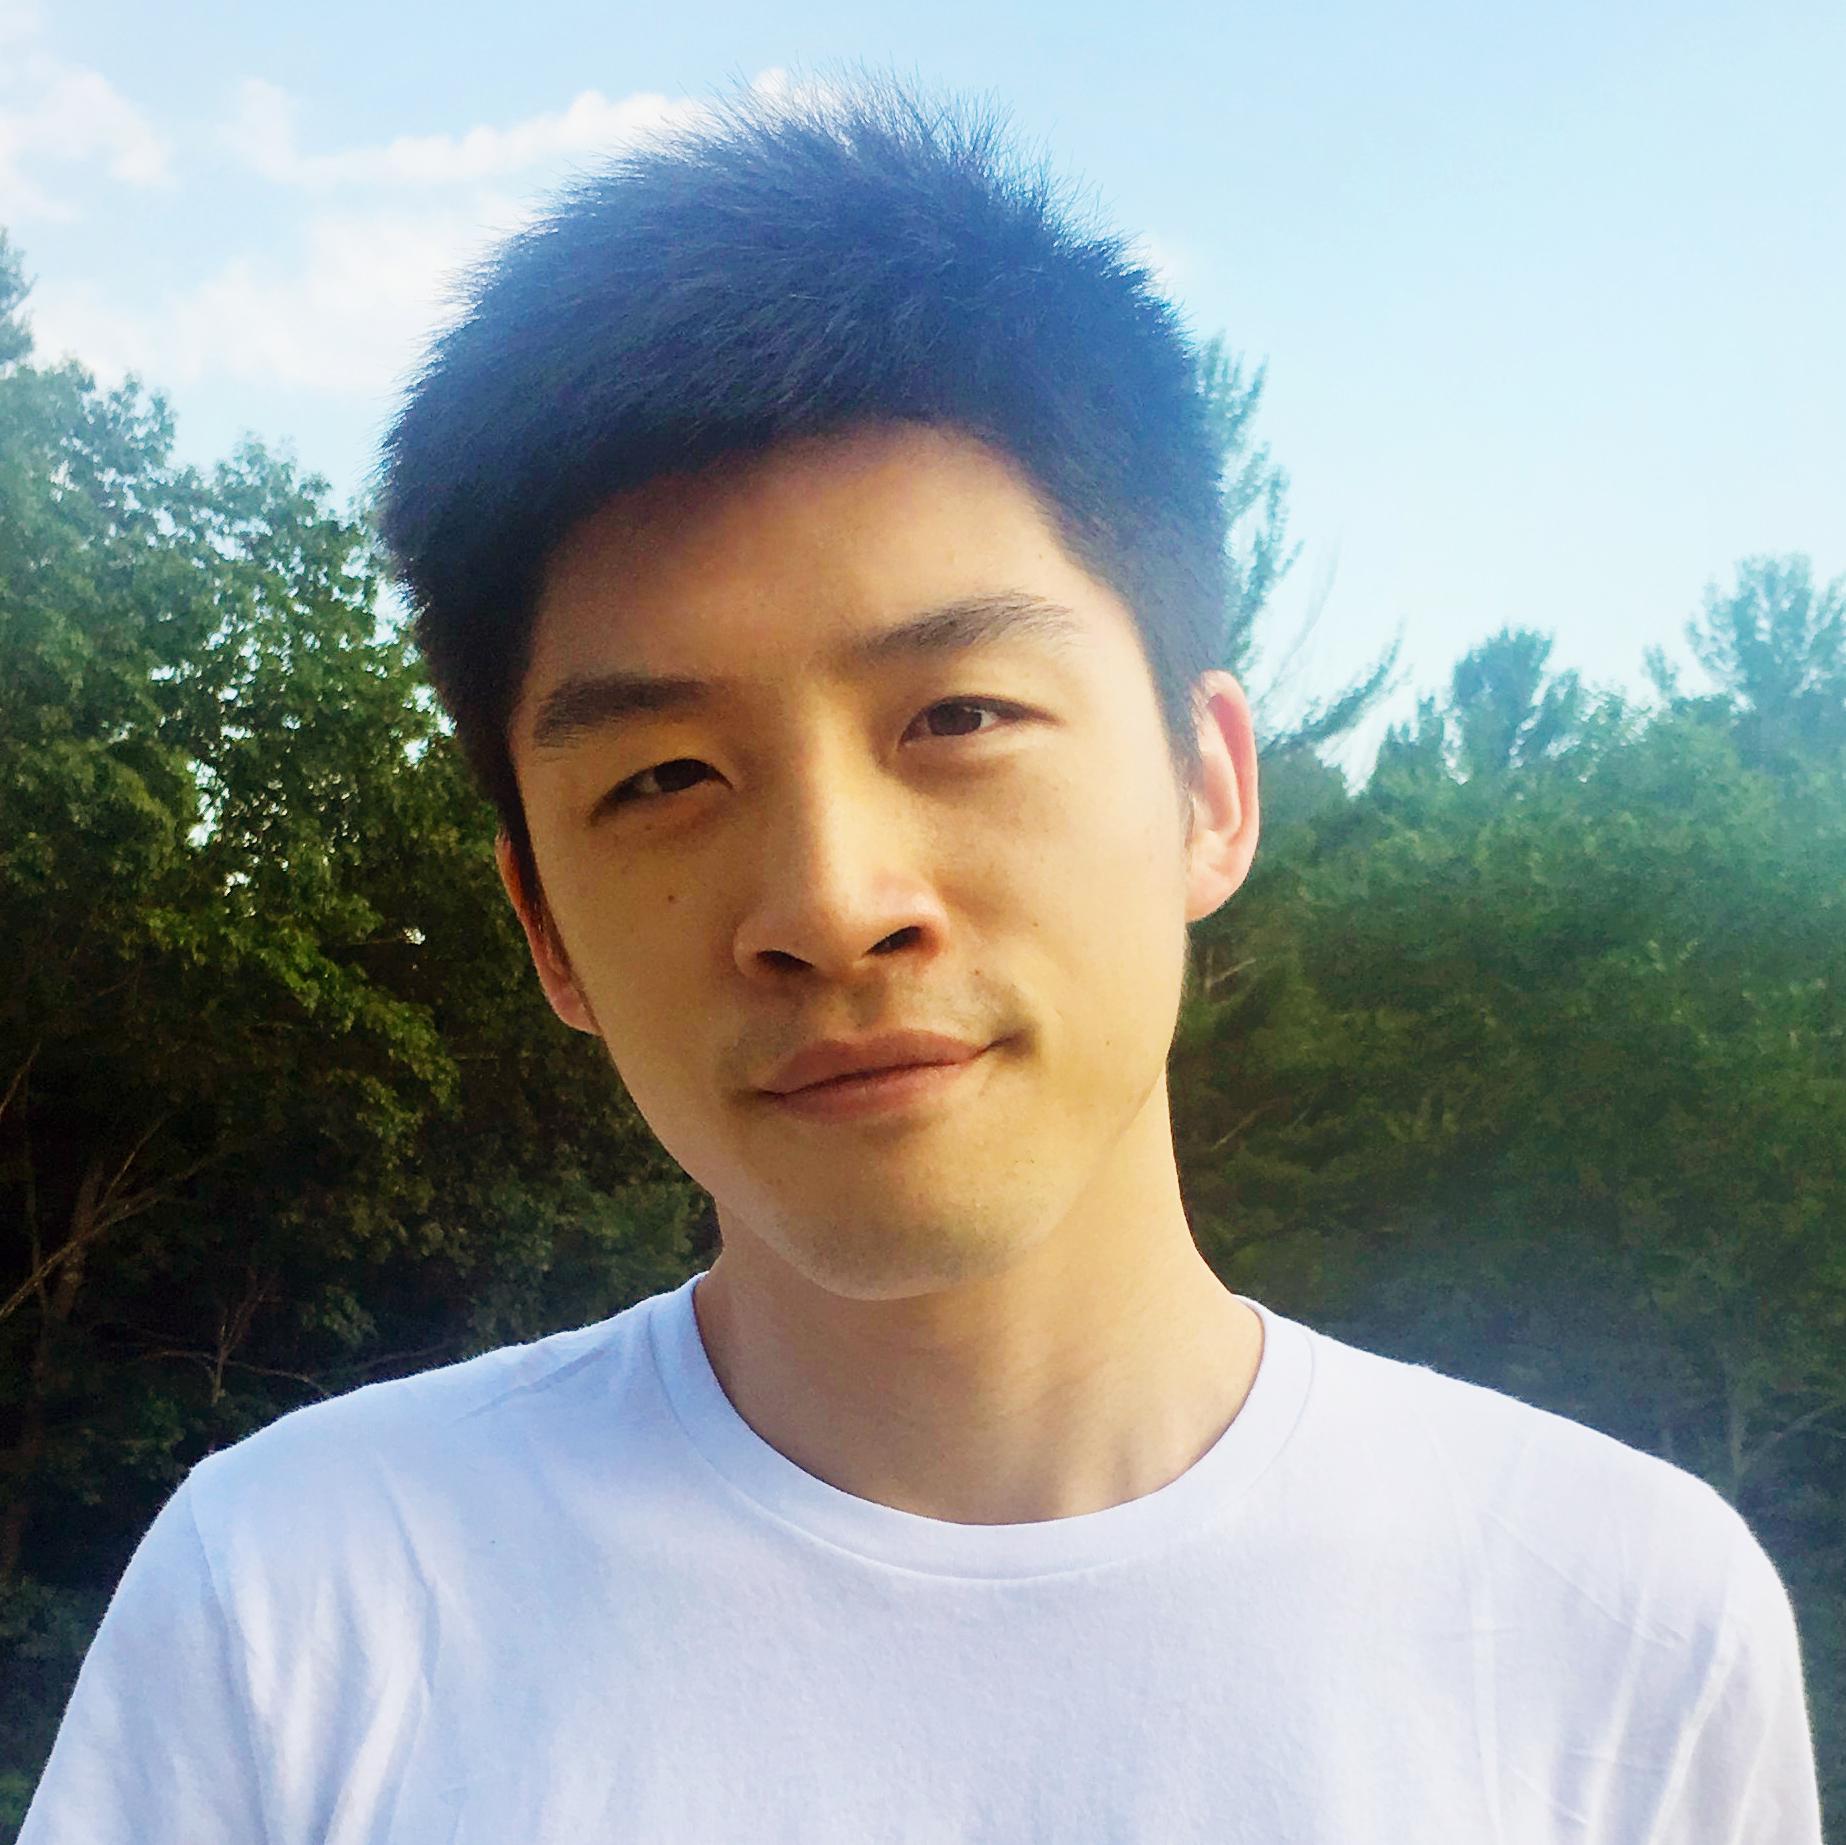 Qizhen bio